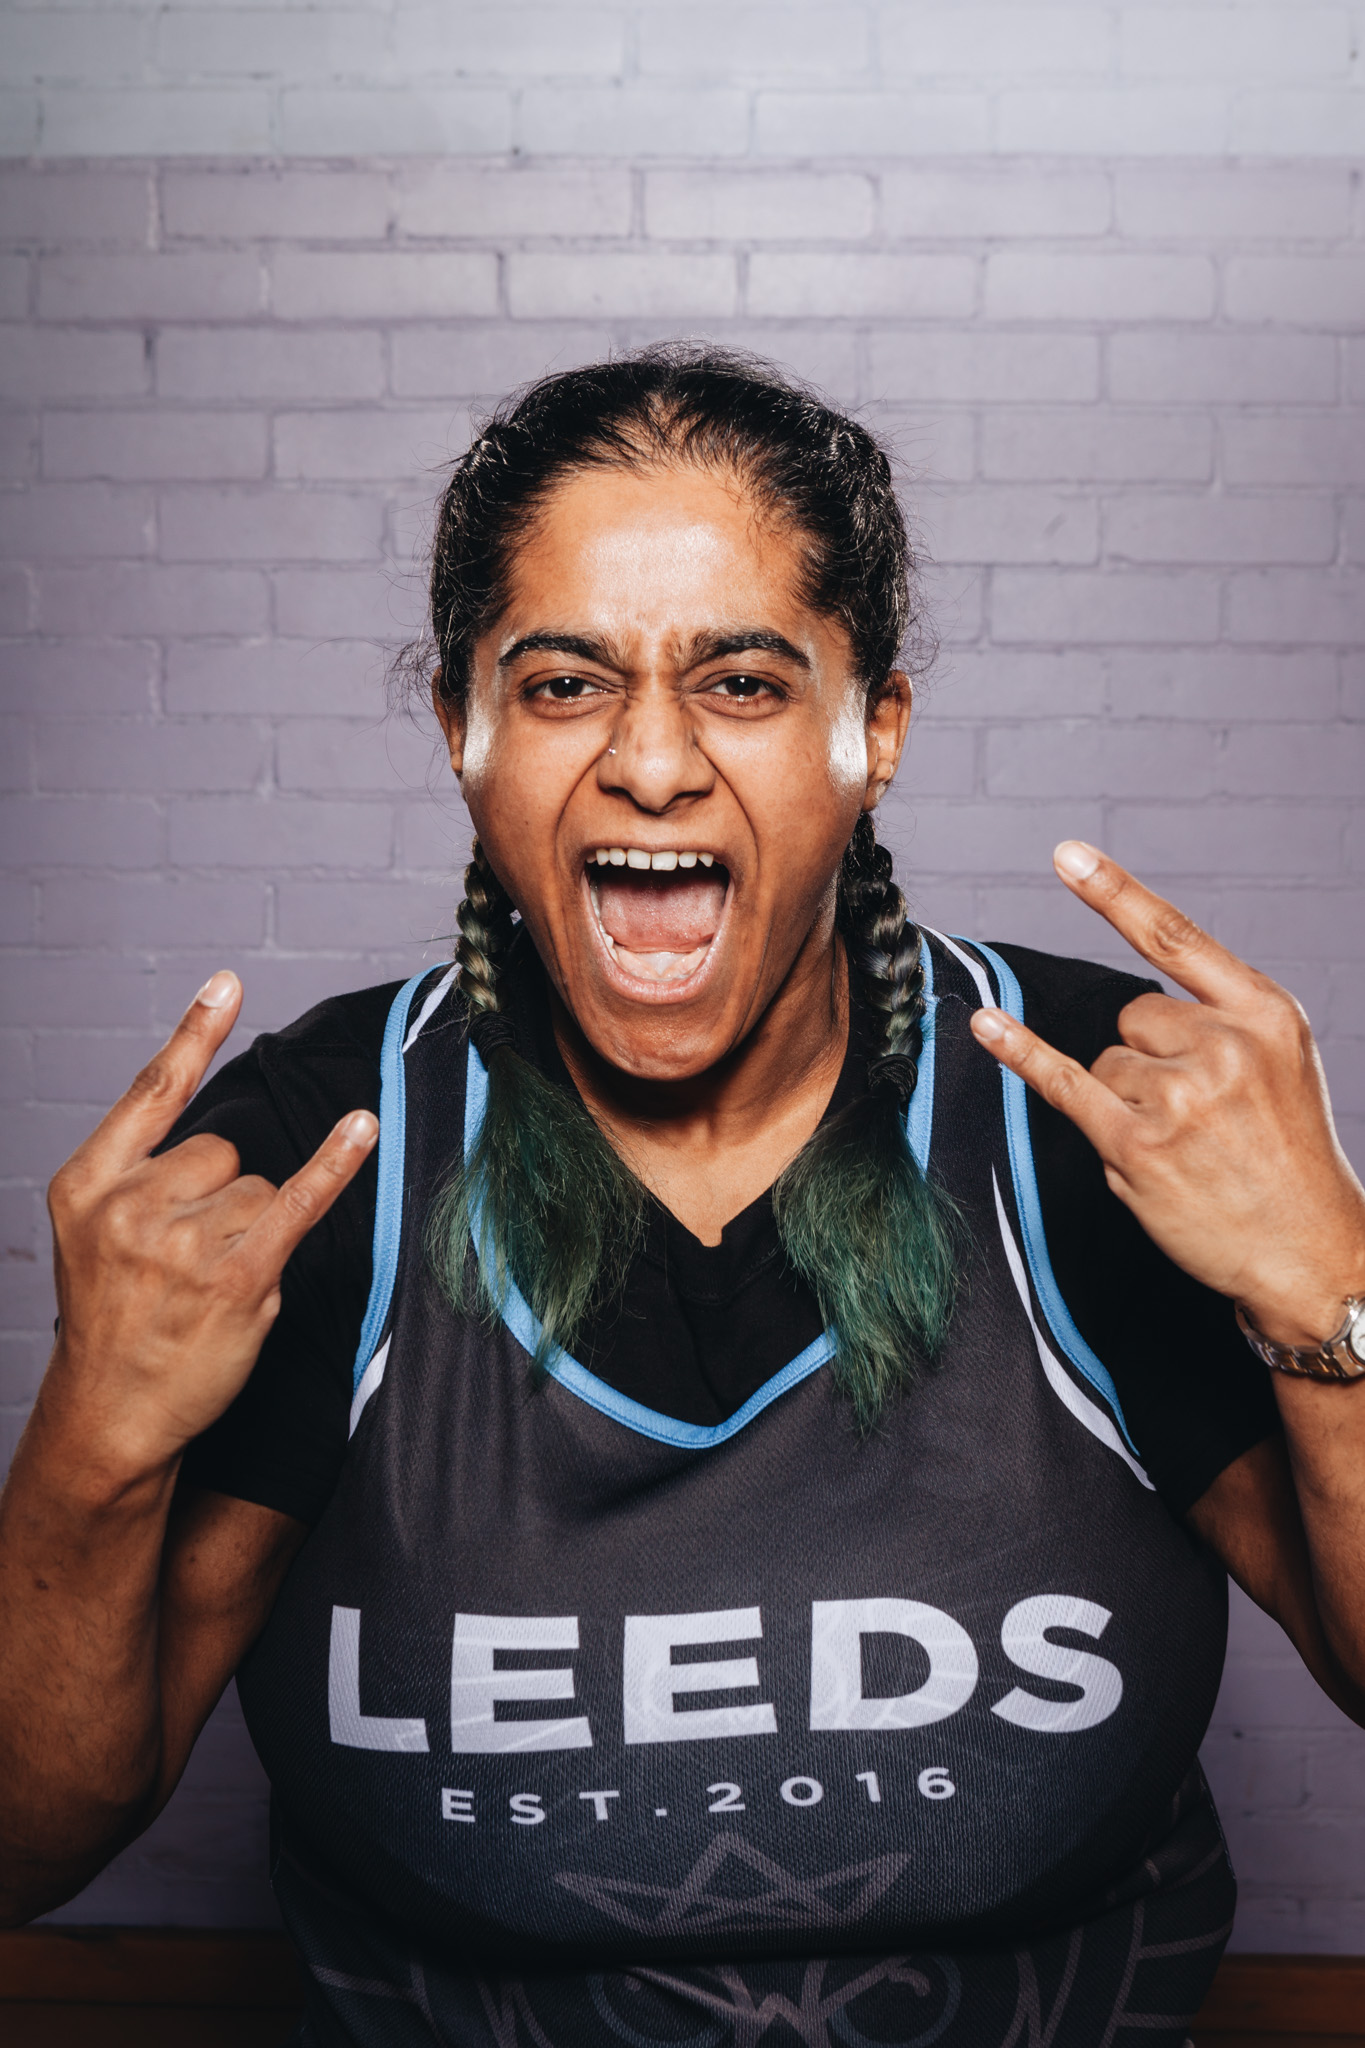 ©TomWoollard_Womens-Leeds-Roller-Derby-Team-Mad-Maz-0210.jpg